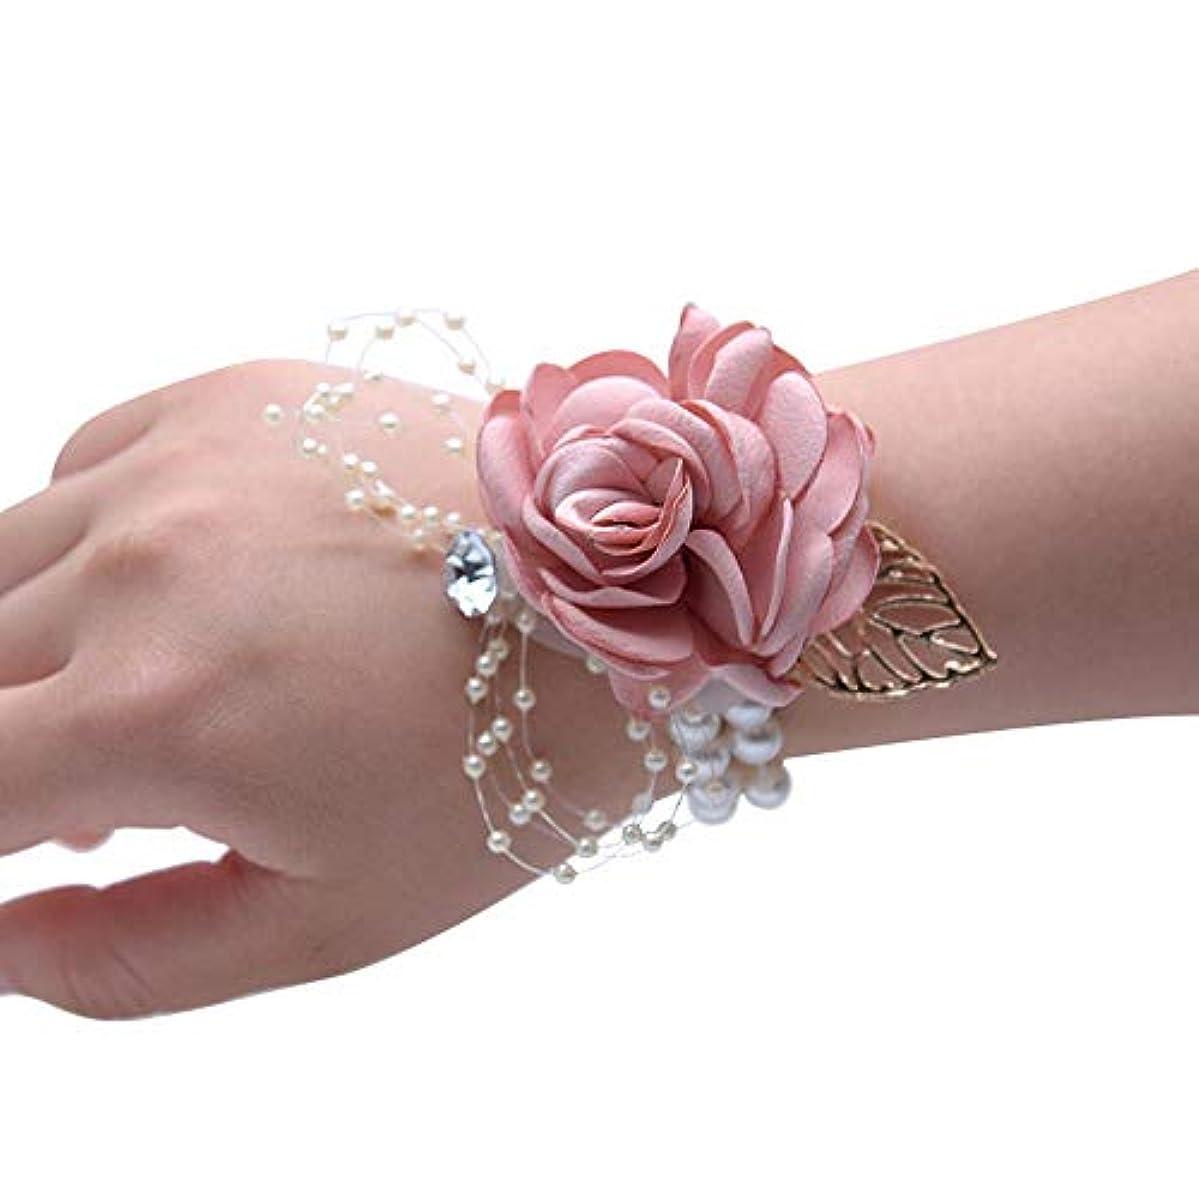 増加する正確な冒険家Merssavo 手首の花 - 女の子チャーム手首コサージュブレスレット花嫁介添人姉妹の手の花のどの真珠の結婚式、ピンク